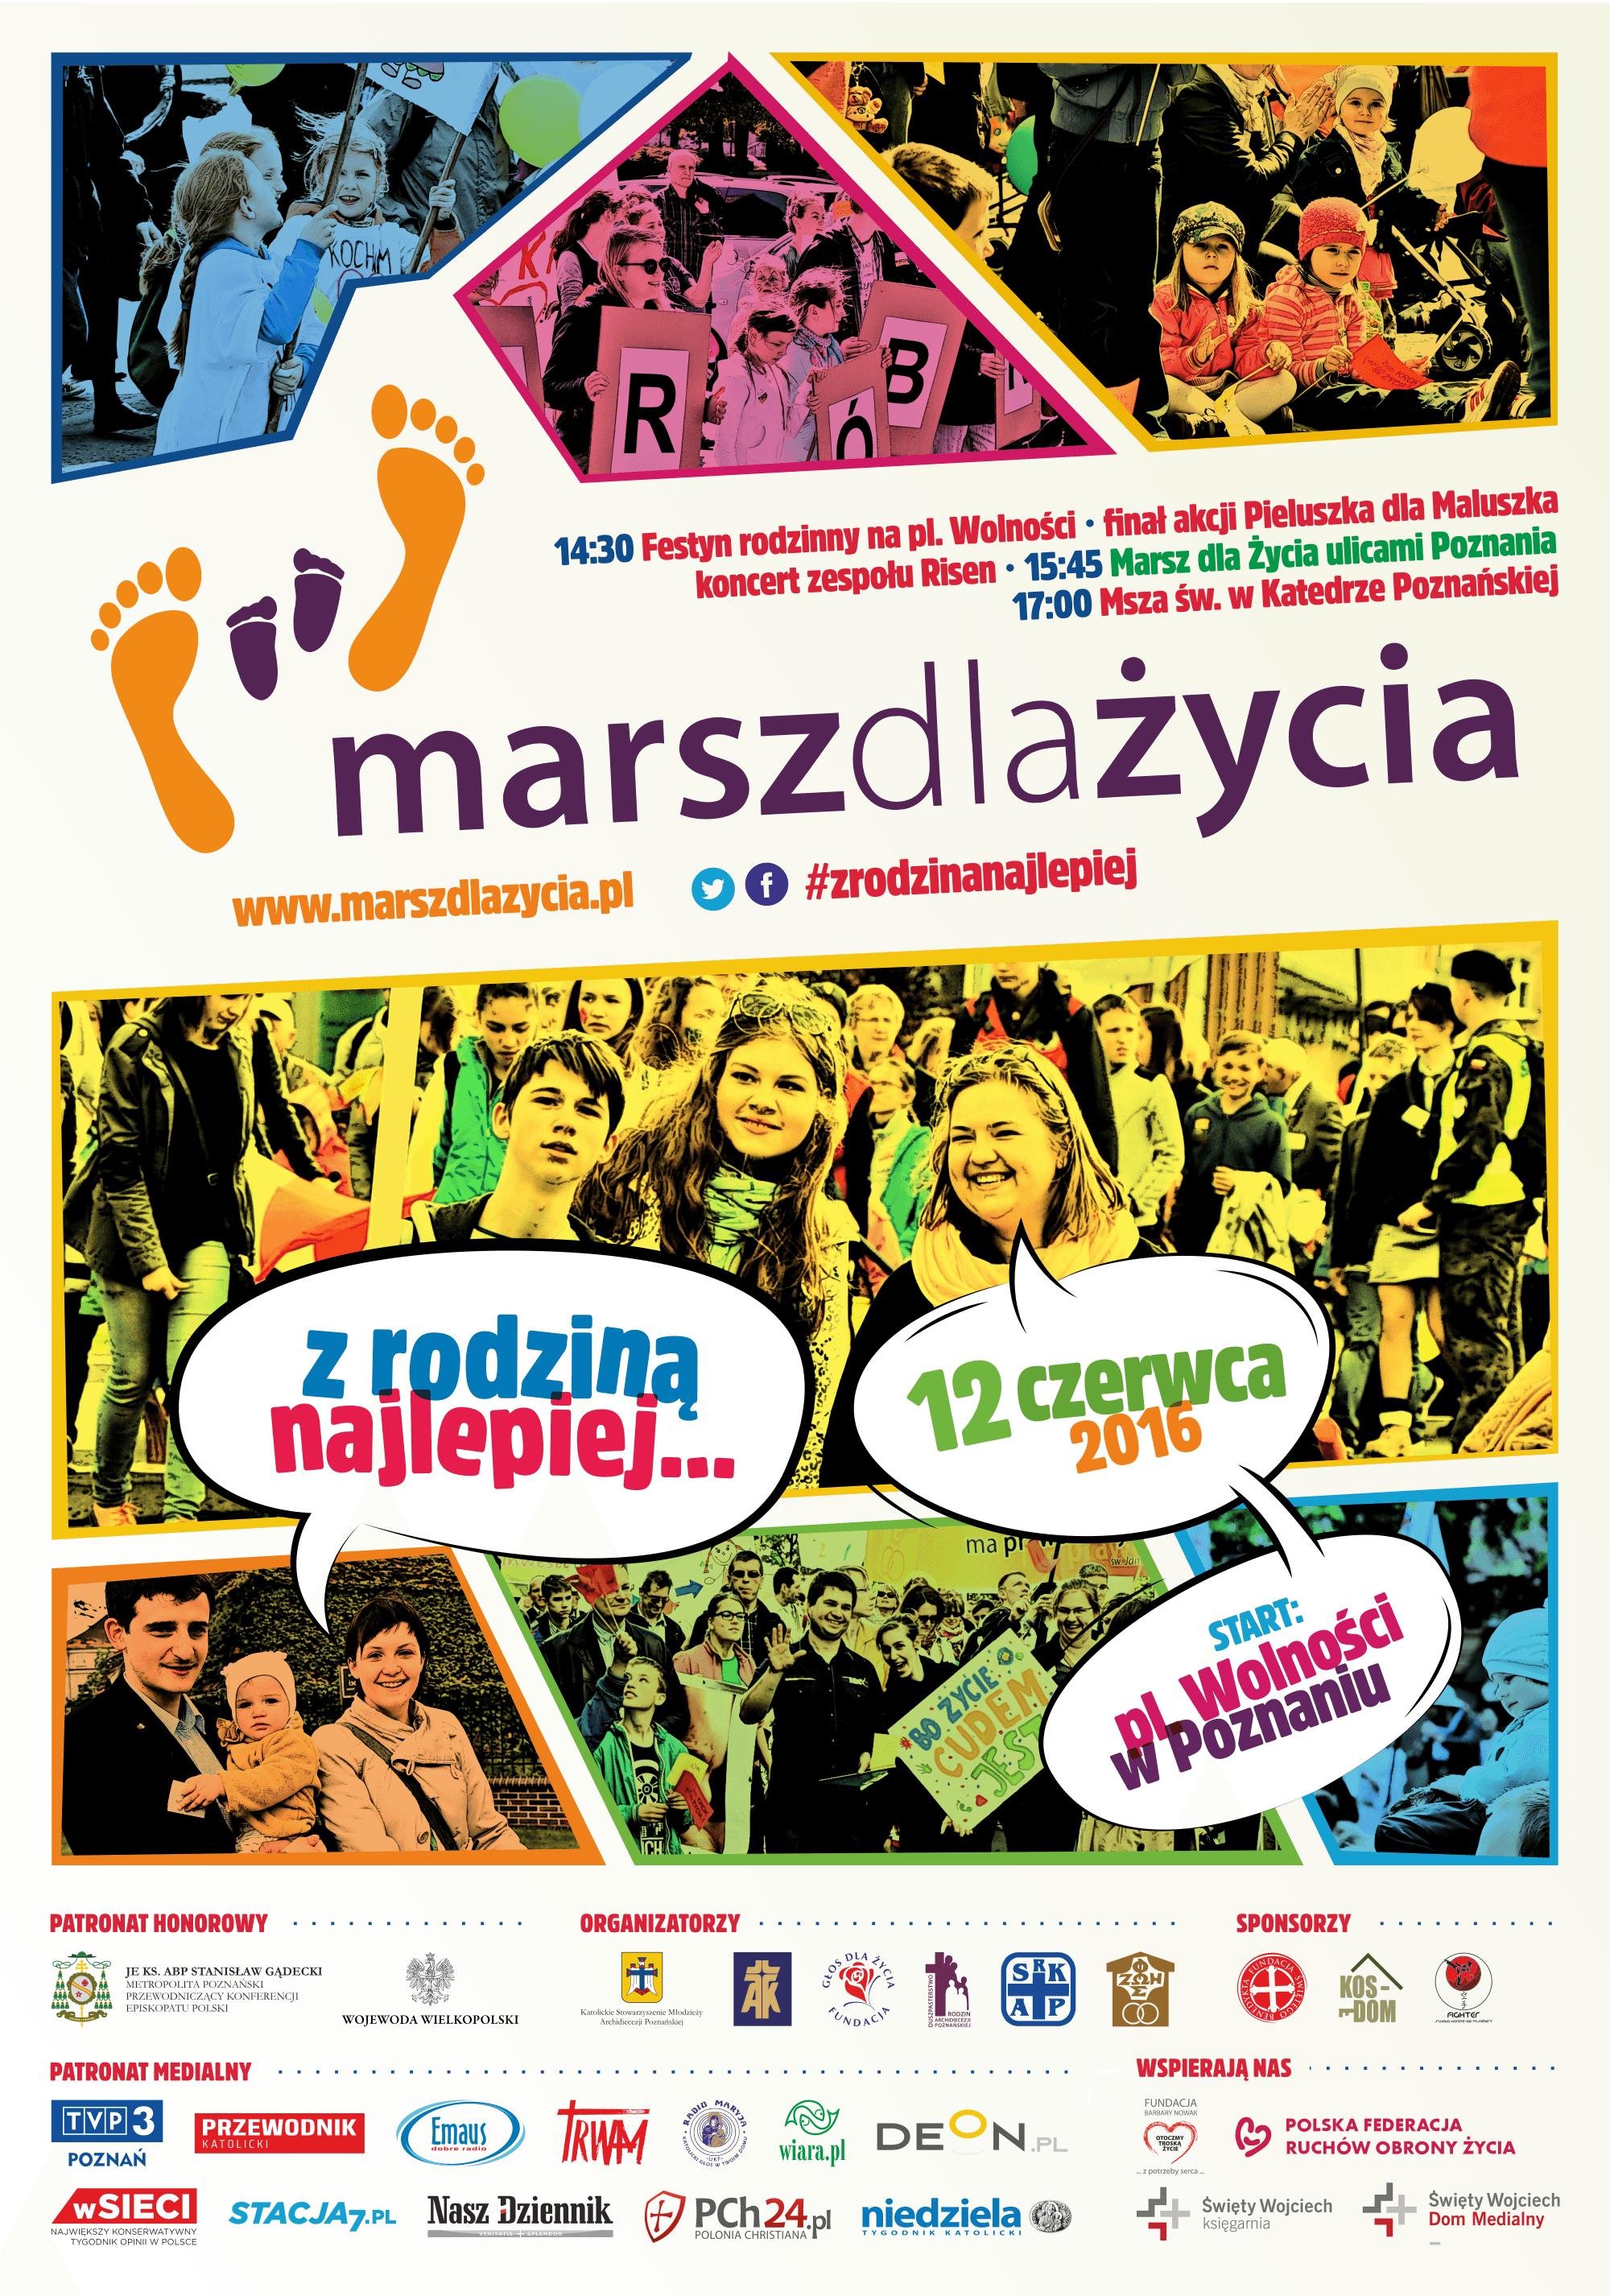 marsz-dla-zycia-2016-plakat